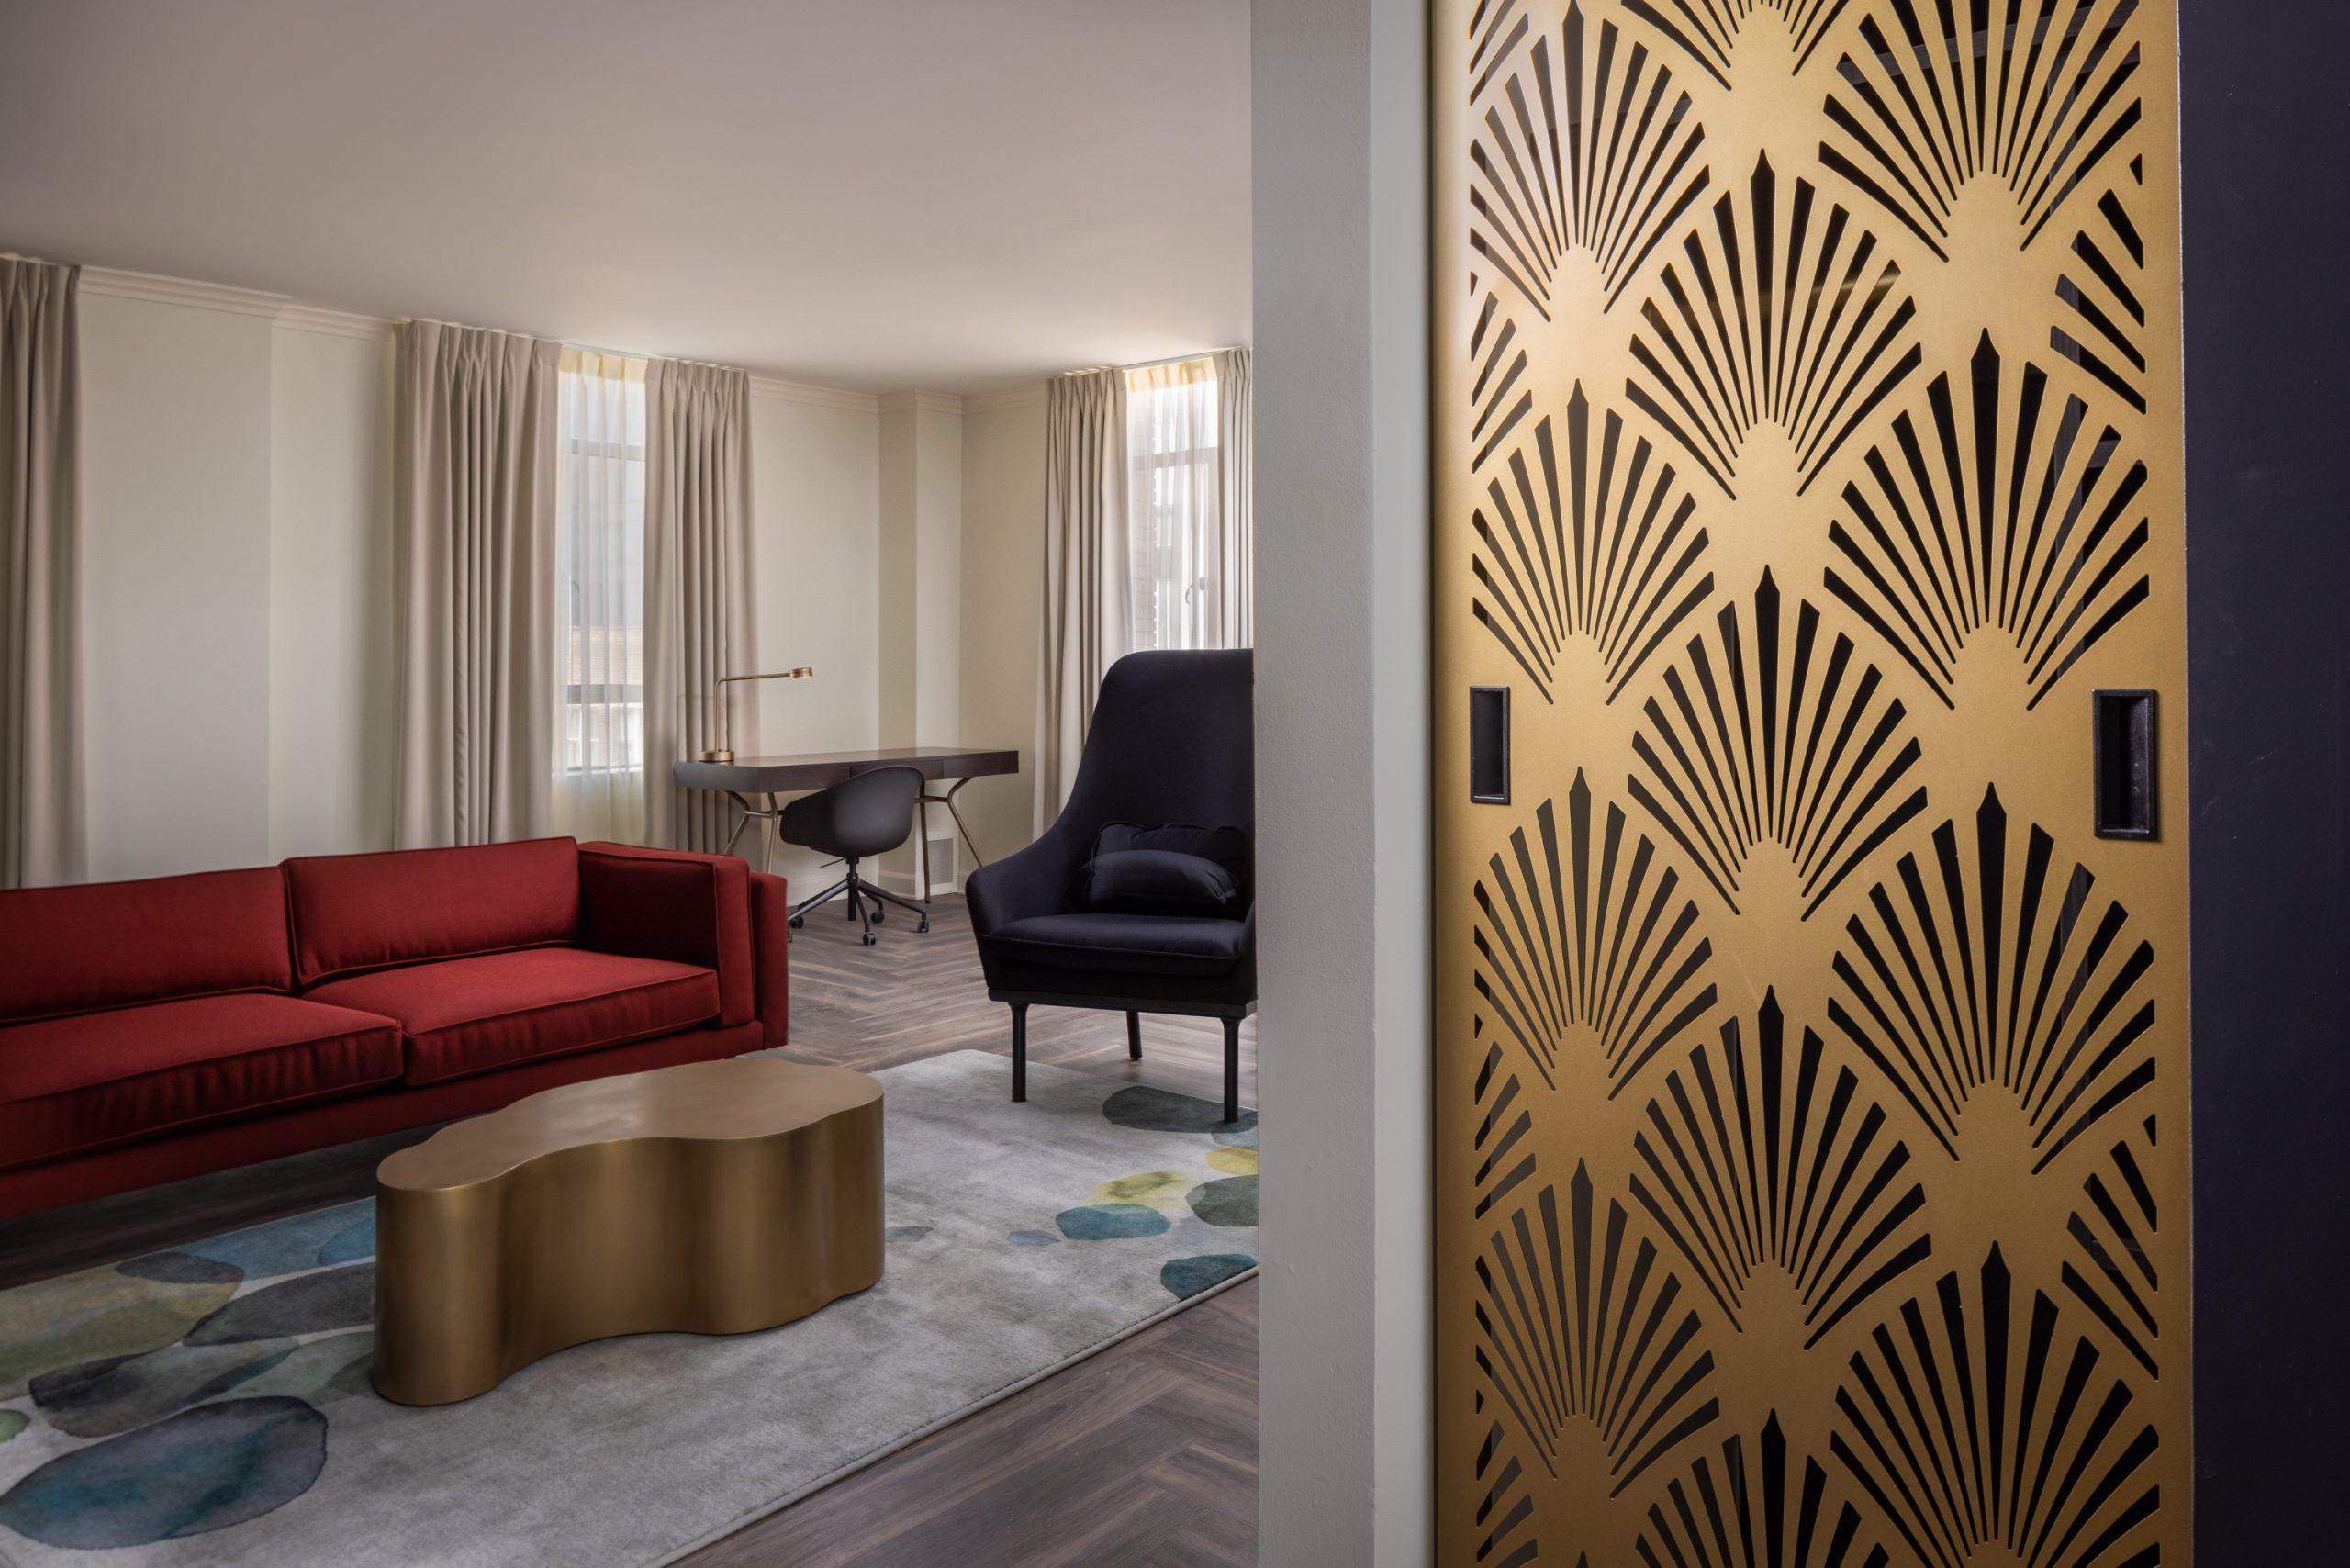 Hotel-Deco-ADAsuite-3b